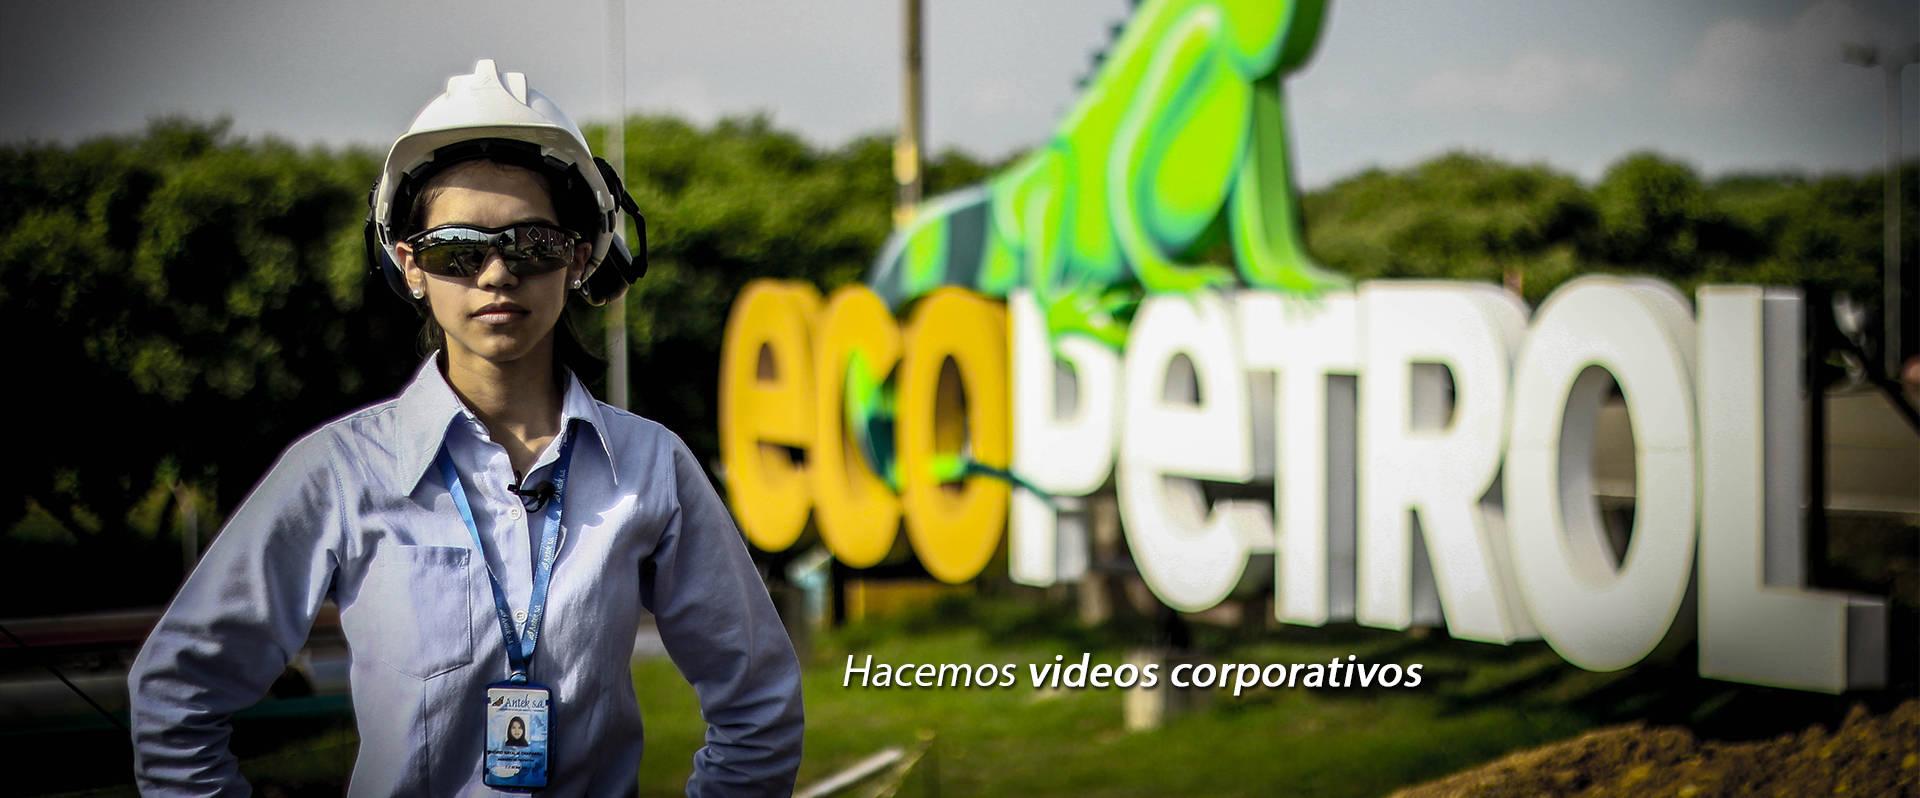 hacemos Videos corporativos